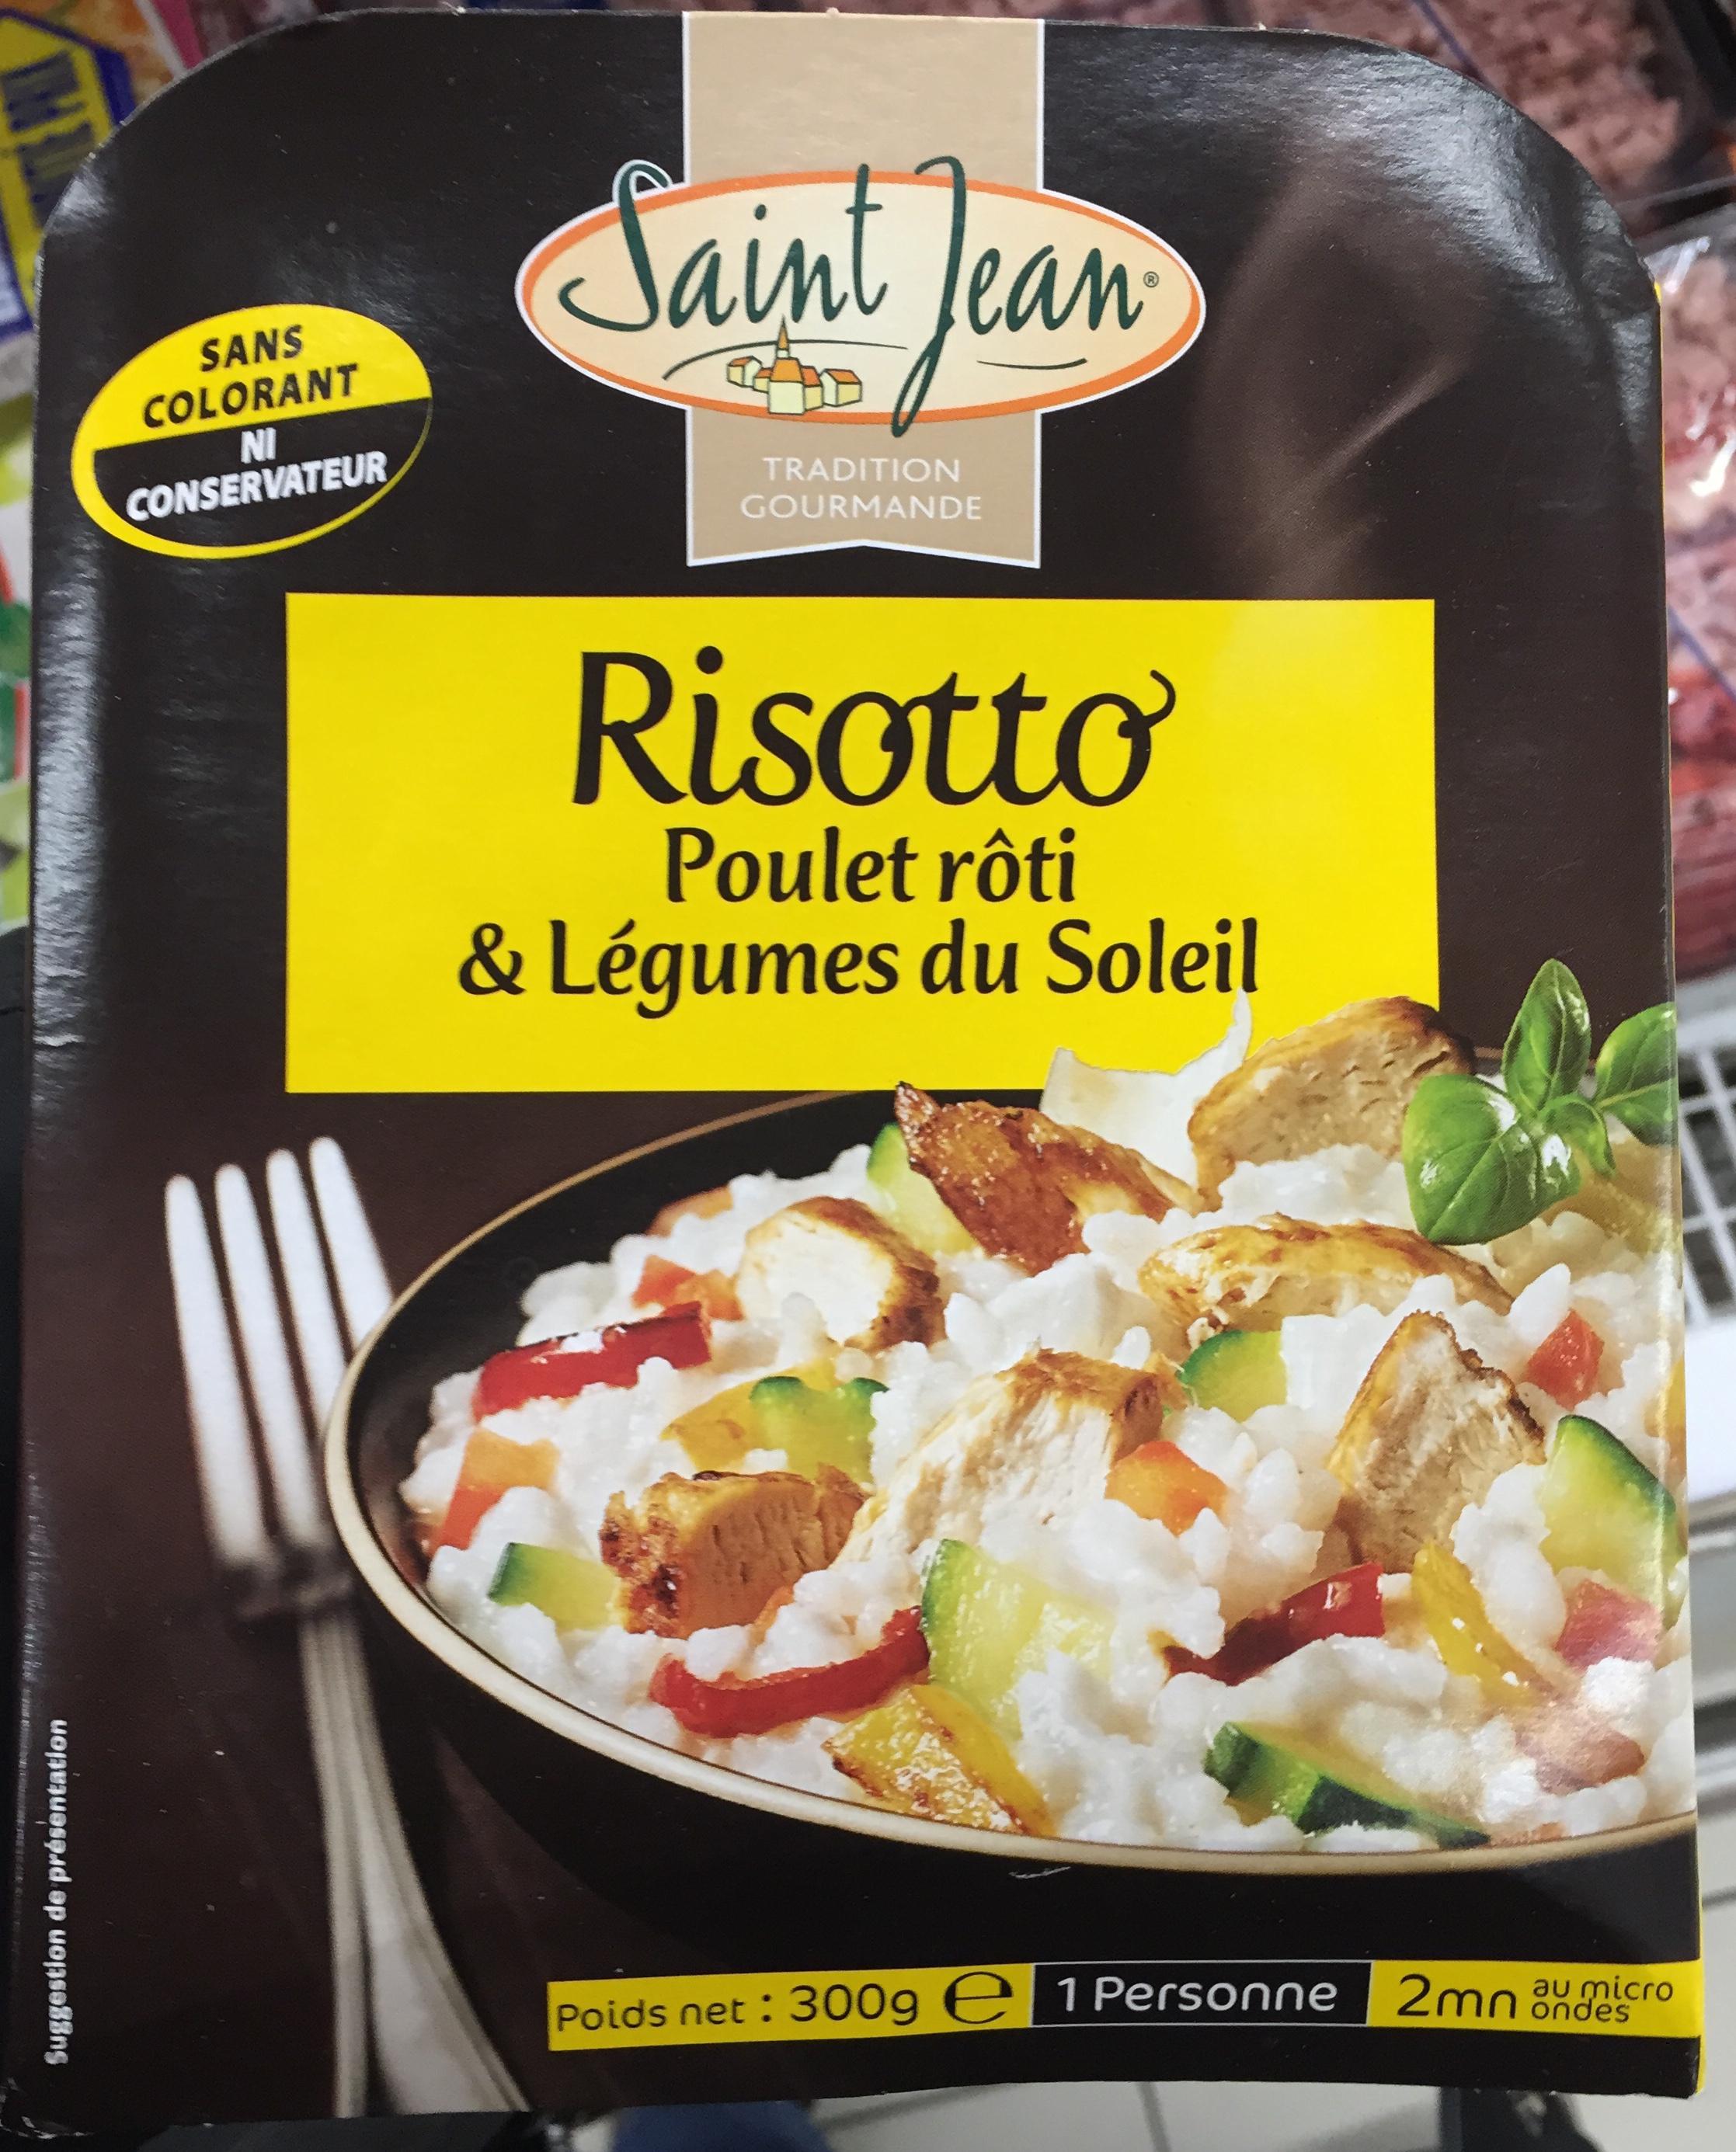 Risotto Poulet rôti & Légumes du soleil - Produit